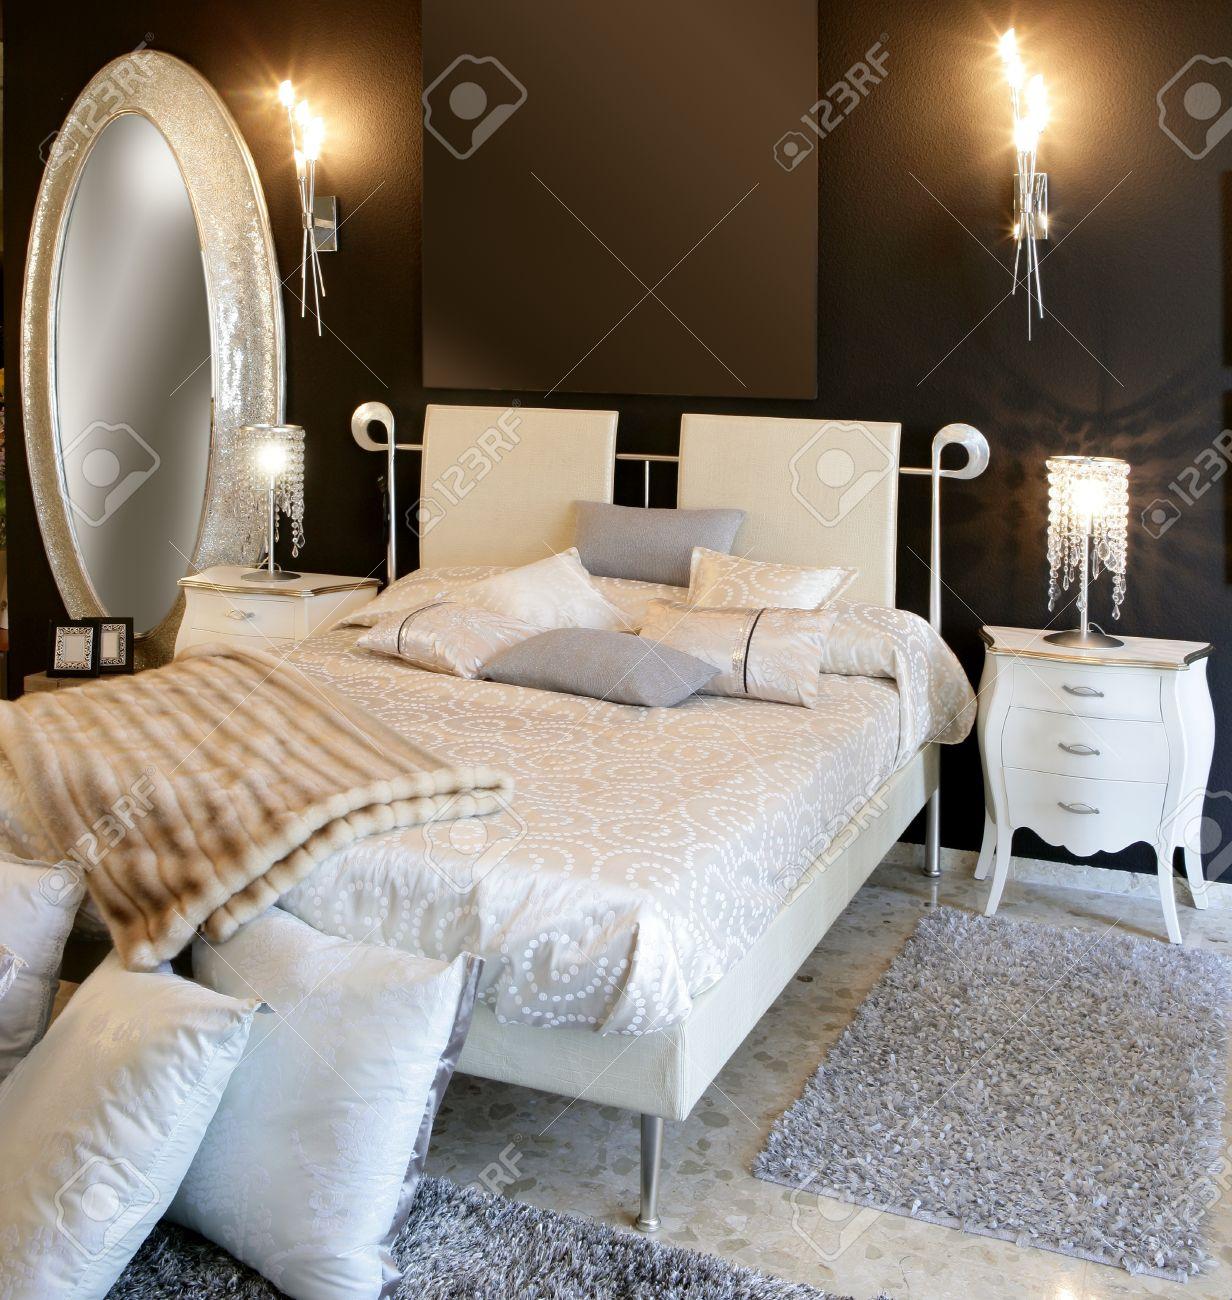 Chambre moderne en argent miroir ovale lit blanc mur noir banque d ...